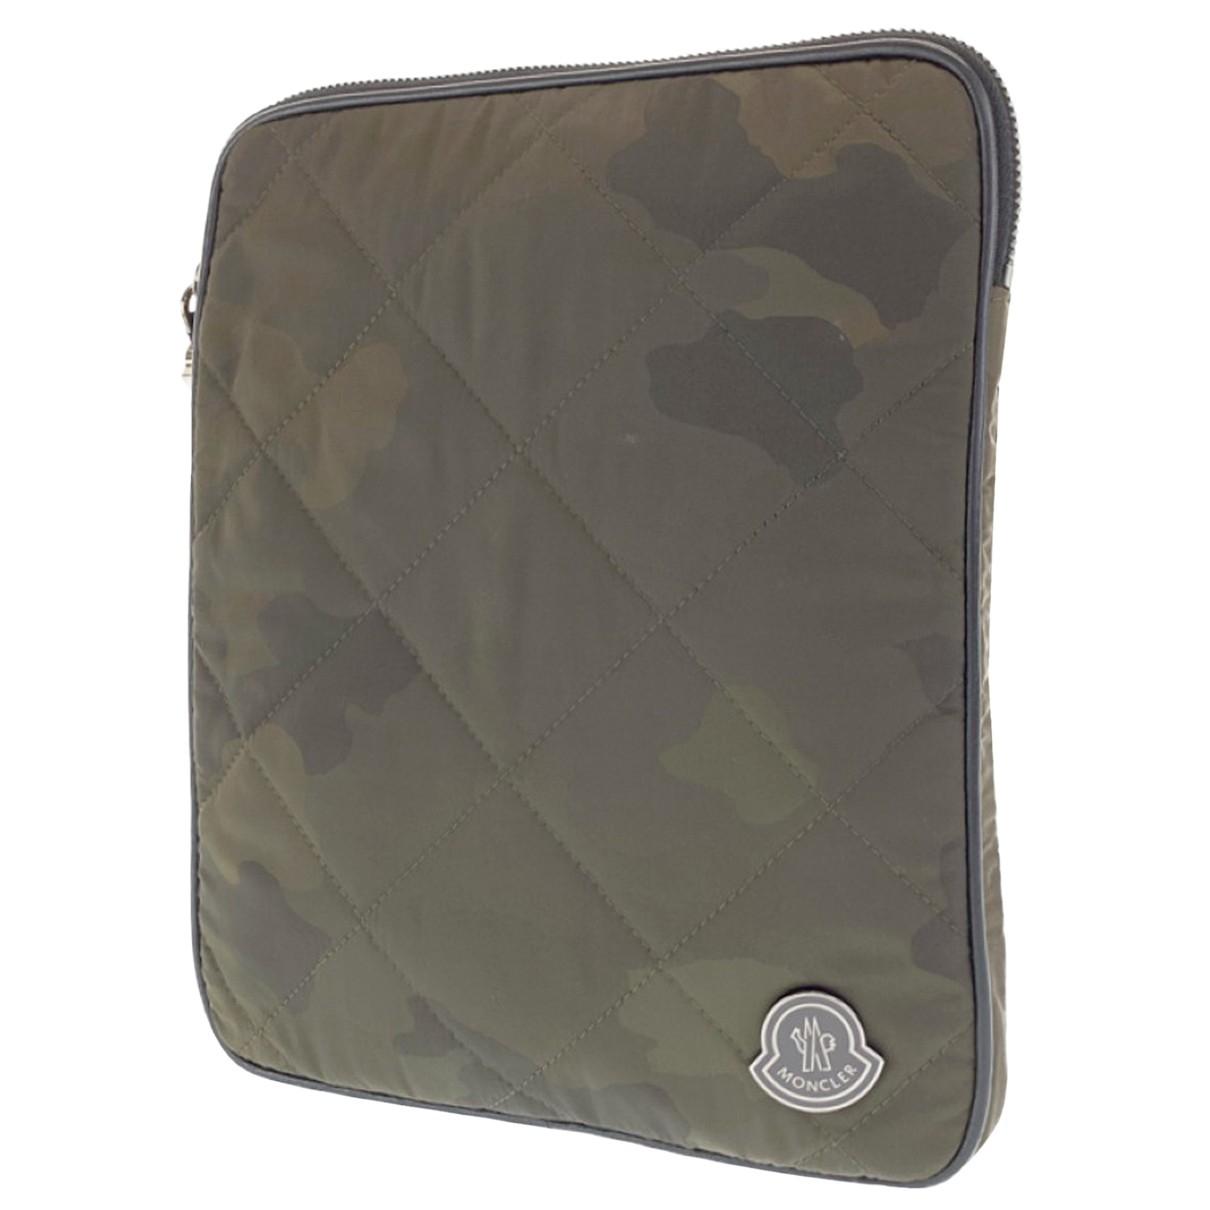 Moncler \N Small bag, wallet & cases for Men \N